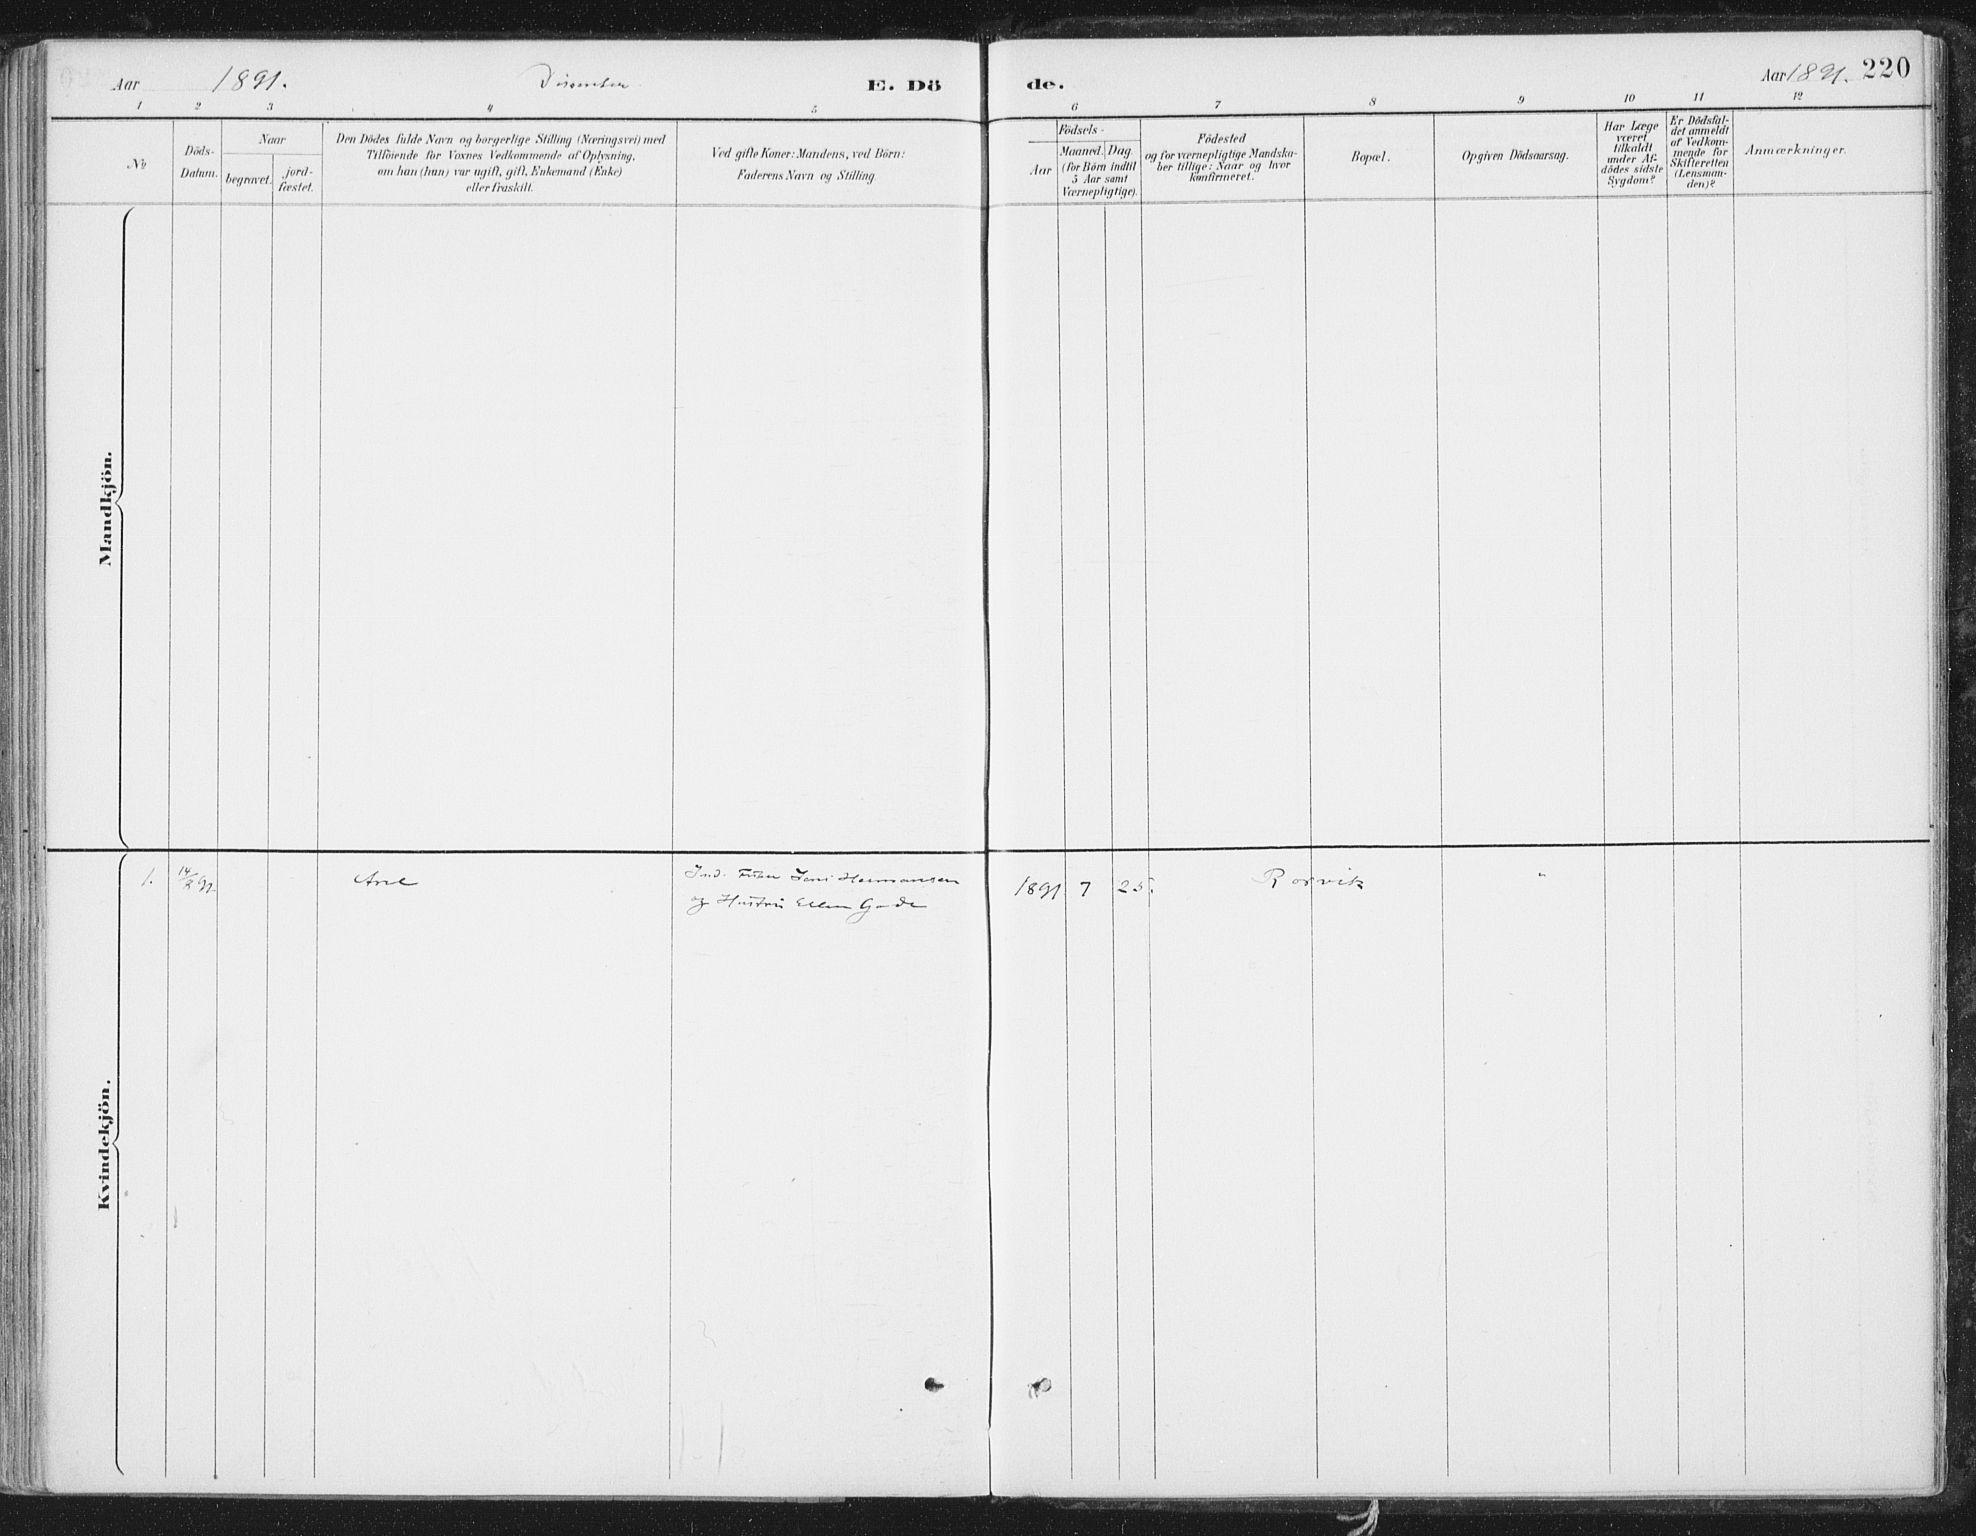 SAT, Ministerialprotokoller, klokkerbøker og fødselsregistre - Nord-Trøndelag, 786/L0687: Ministerialbok nr. 786A03, 1888-1898, s. 220